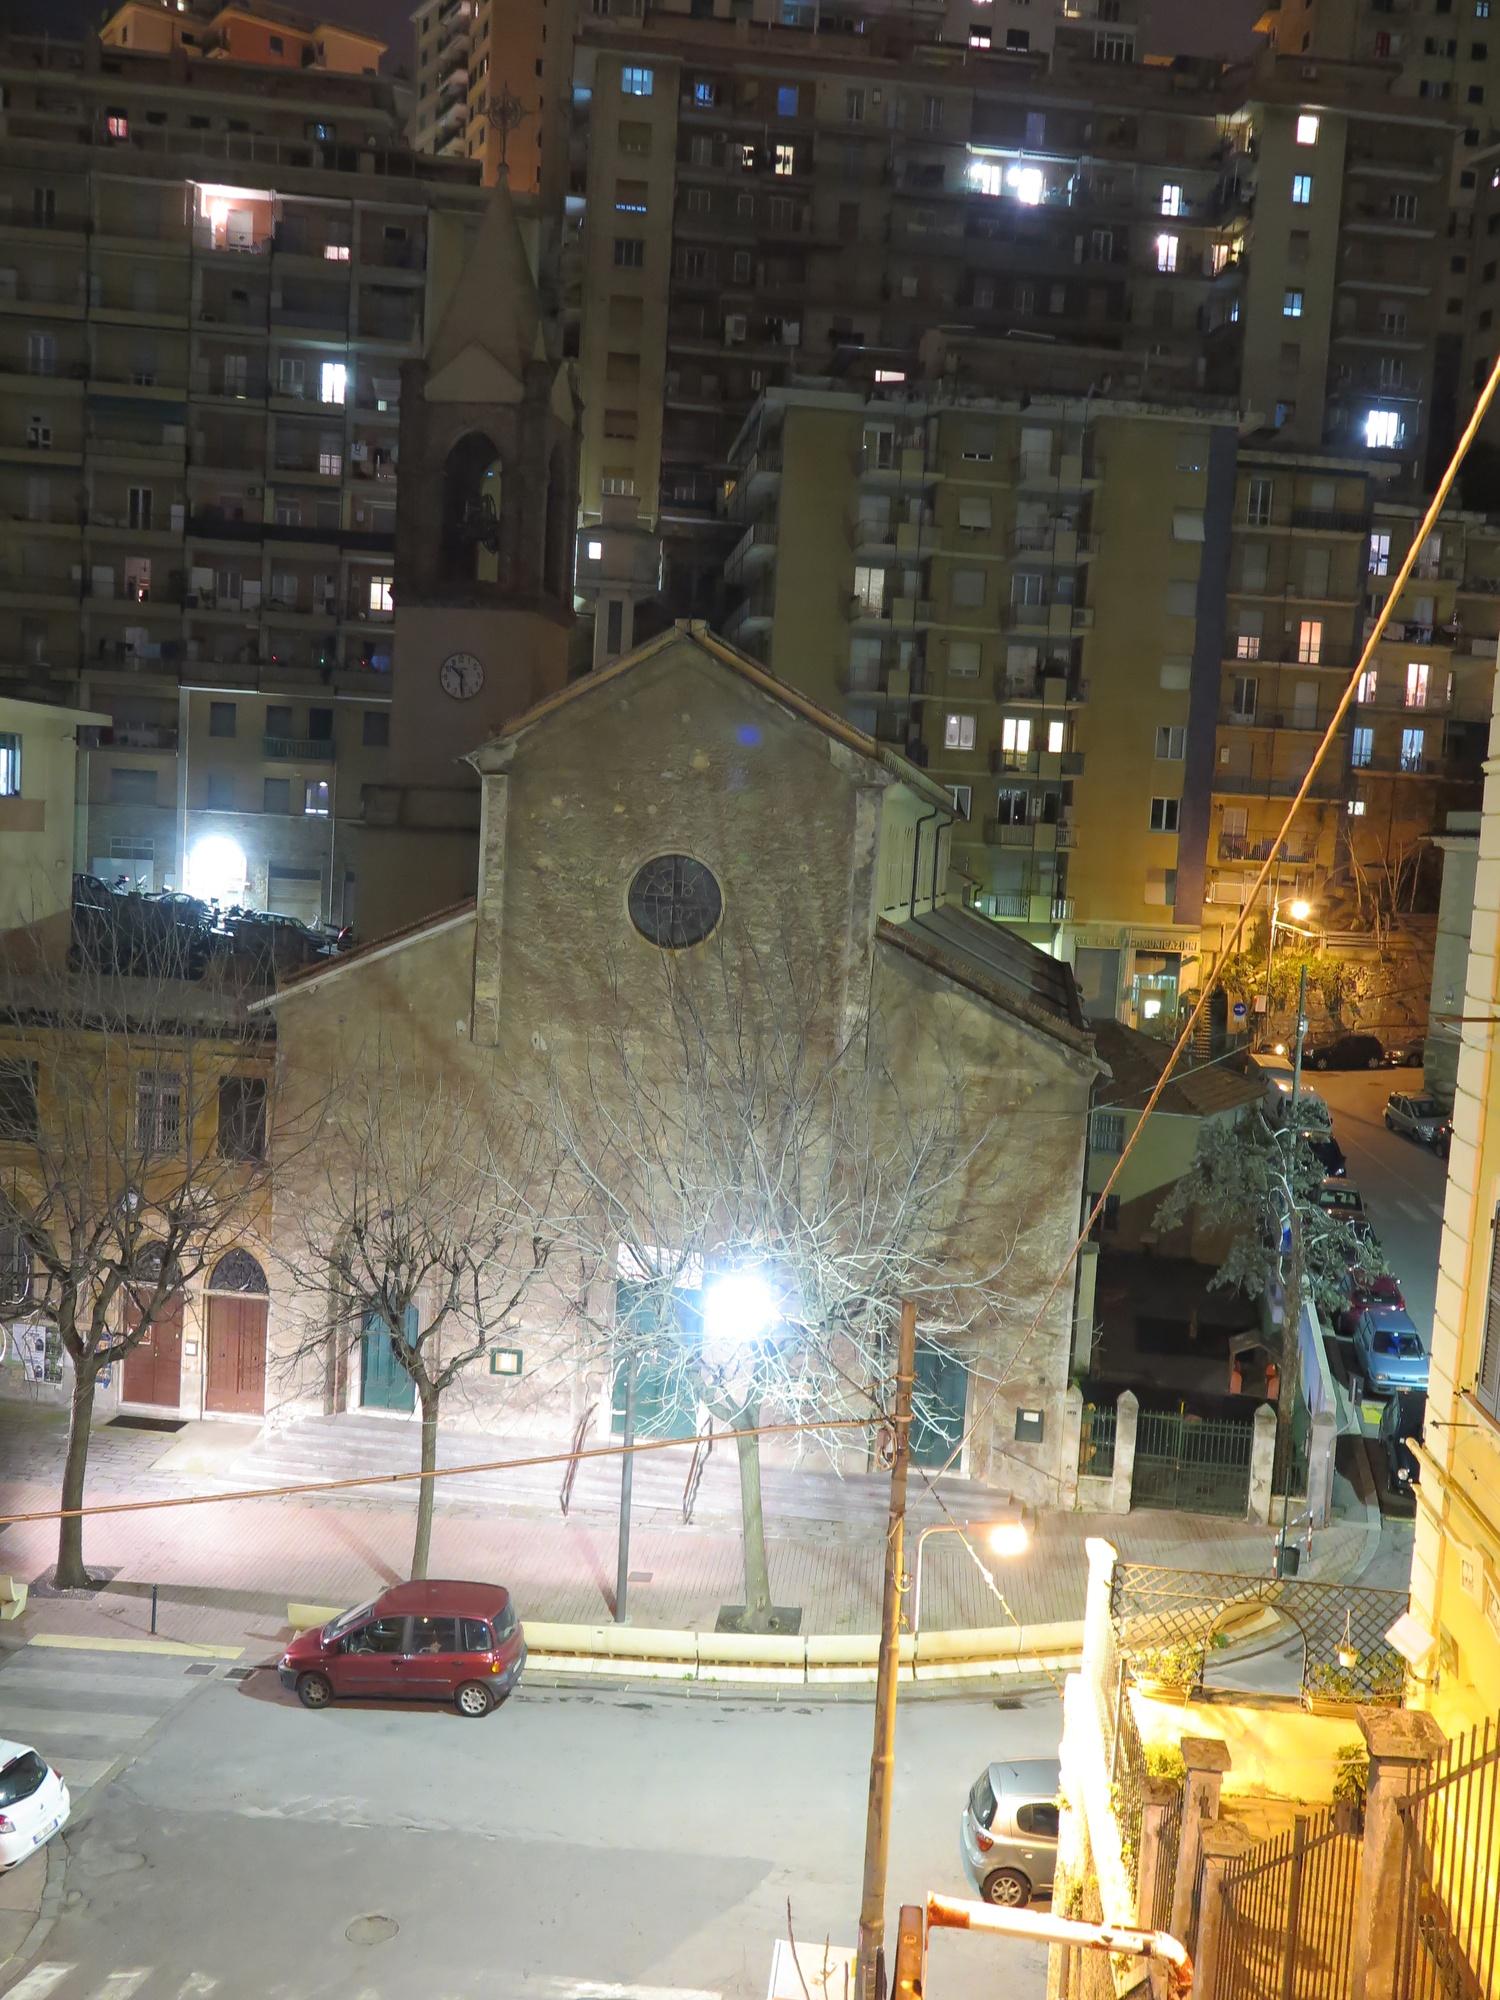 chiesa-esterno-notte-2016-03-07-22-30-29